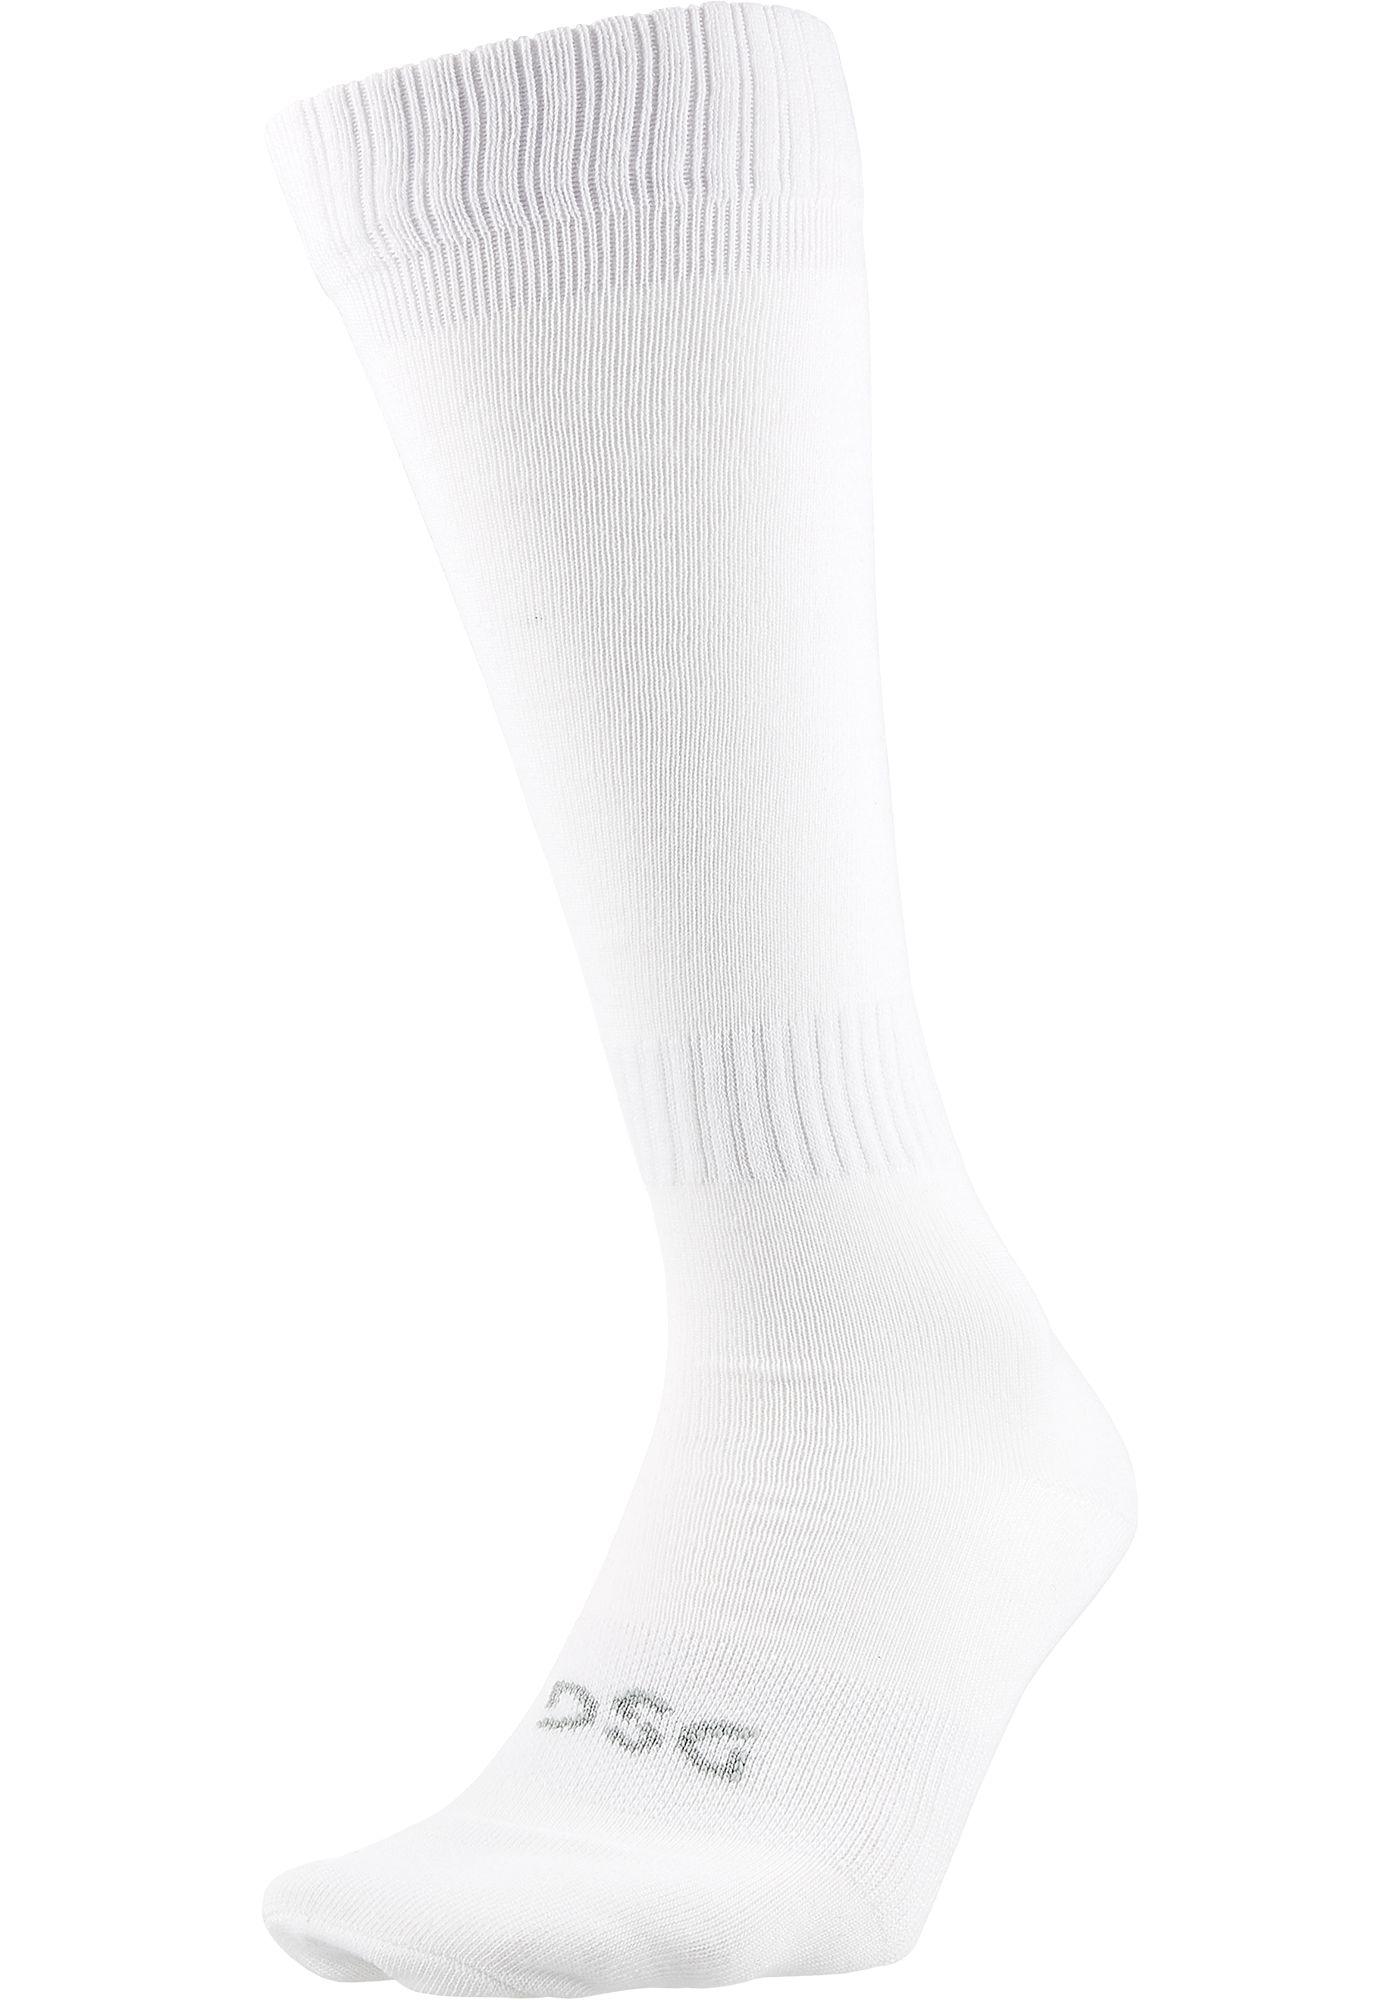 DSG All Sport Athletic Over the Calf Socks